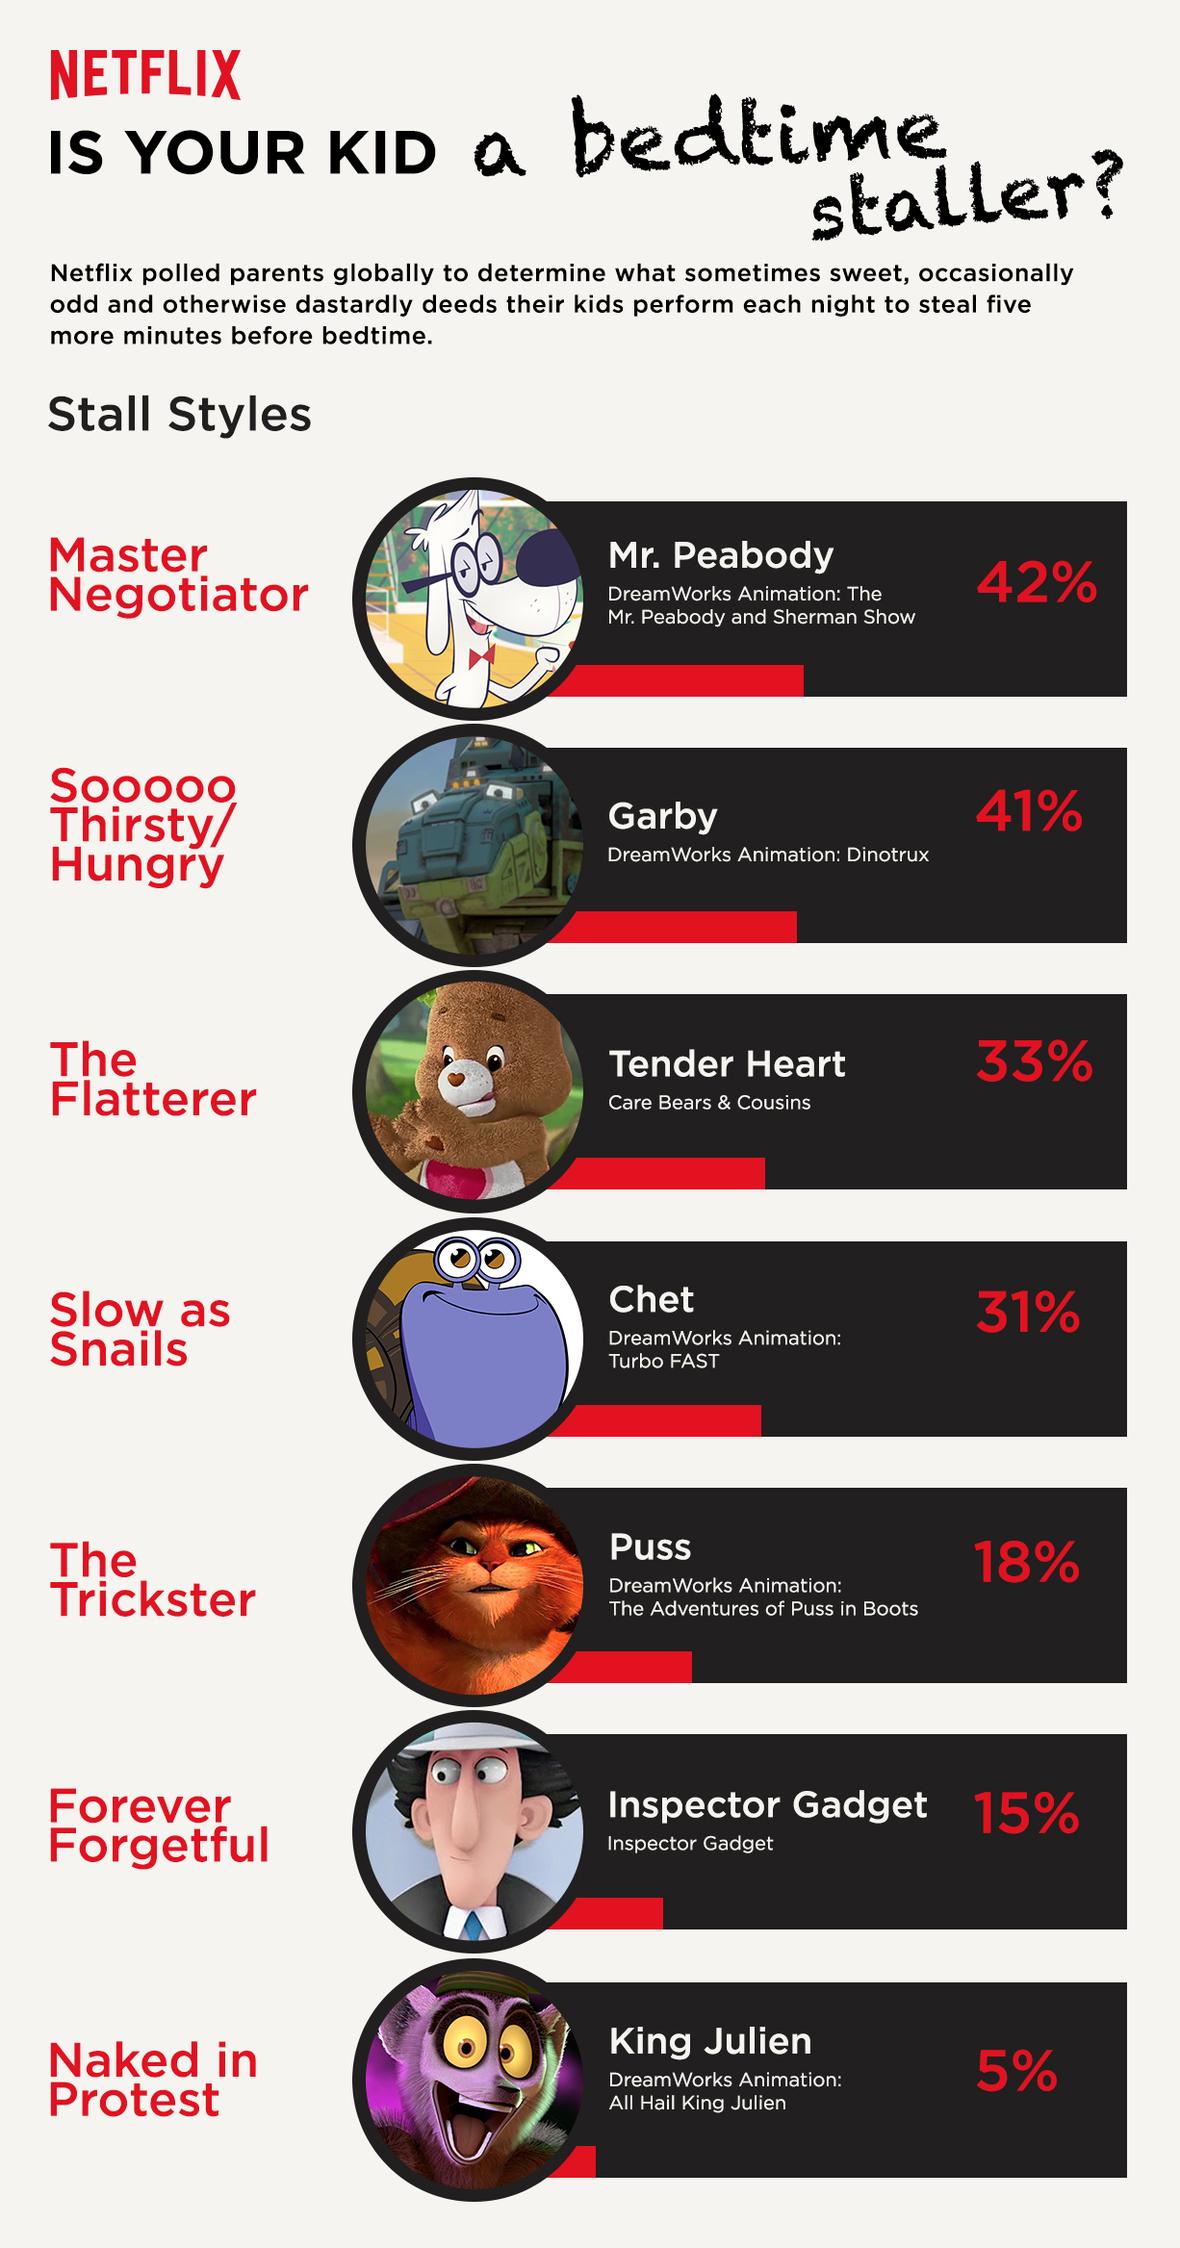 Netflix_BedtimeStaller_Infographic_USA